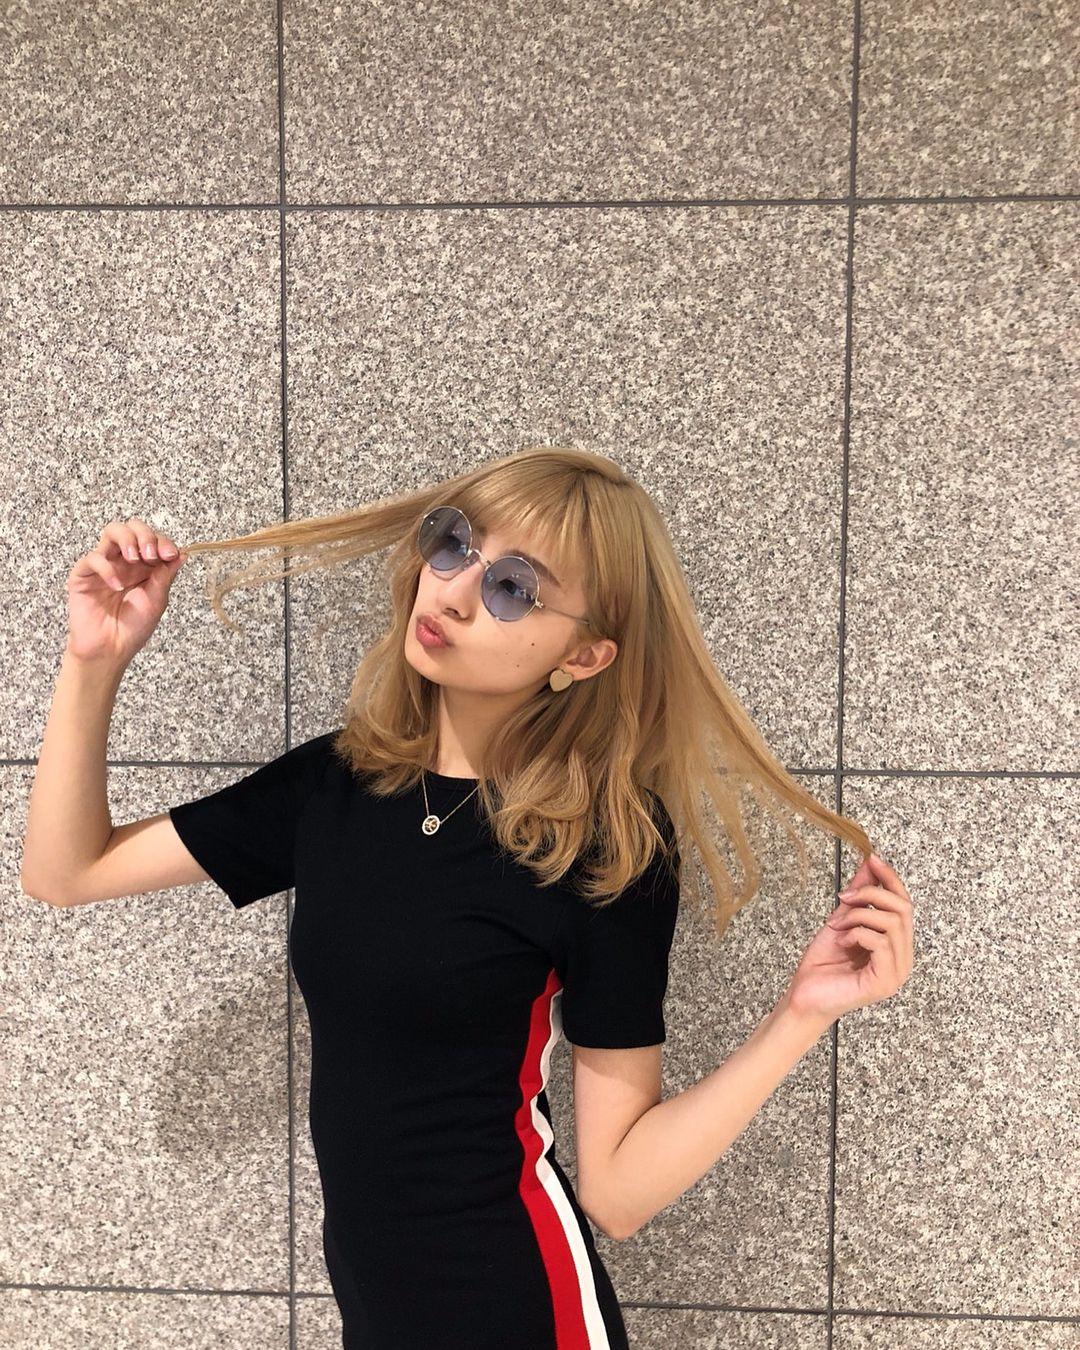 吉川愛 インスタグラム